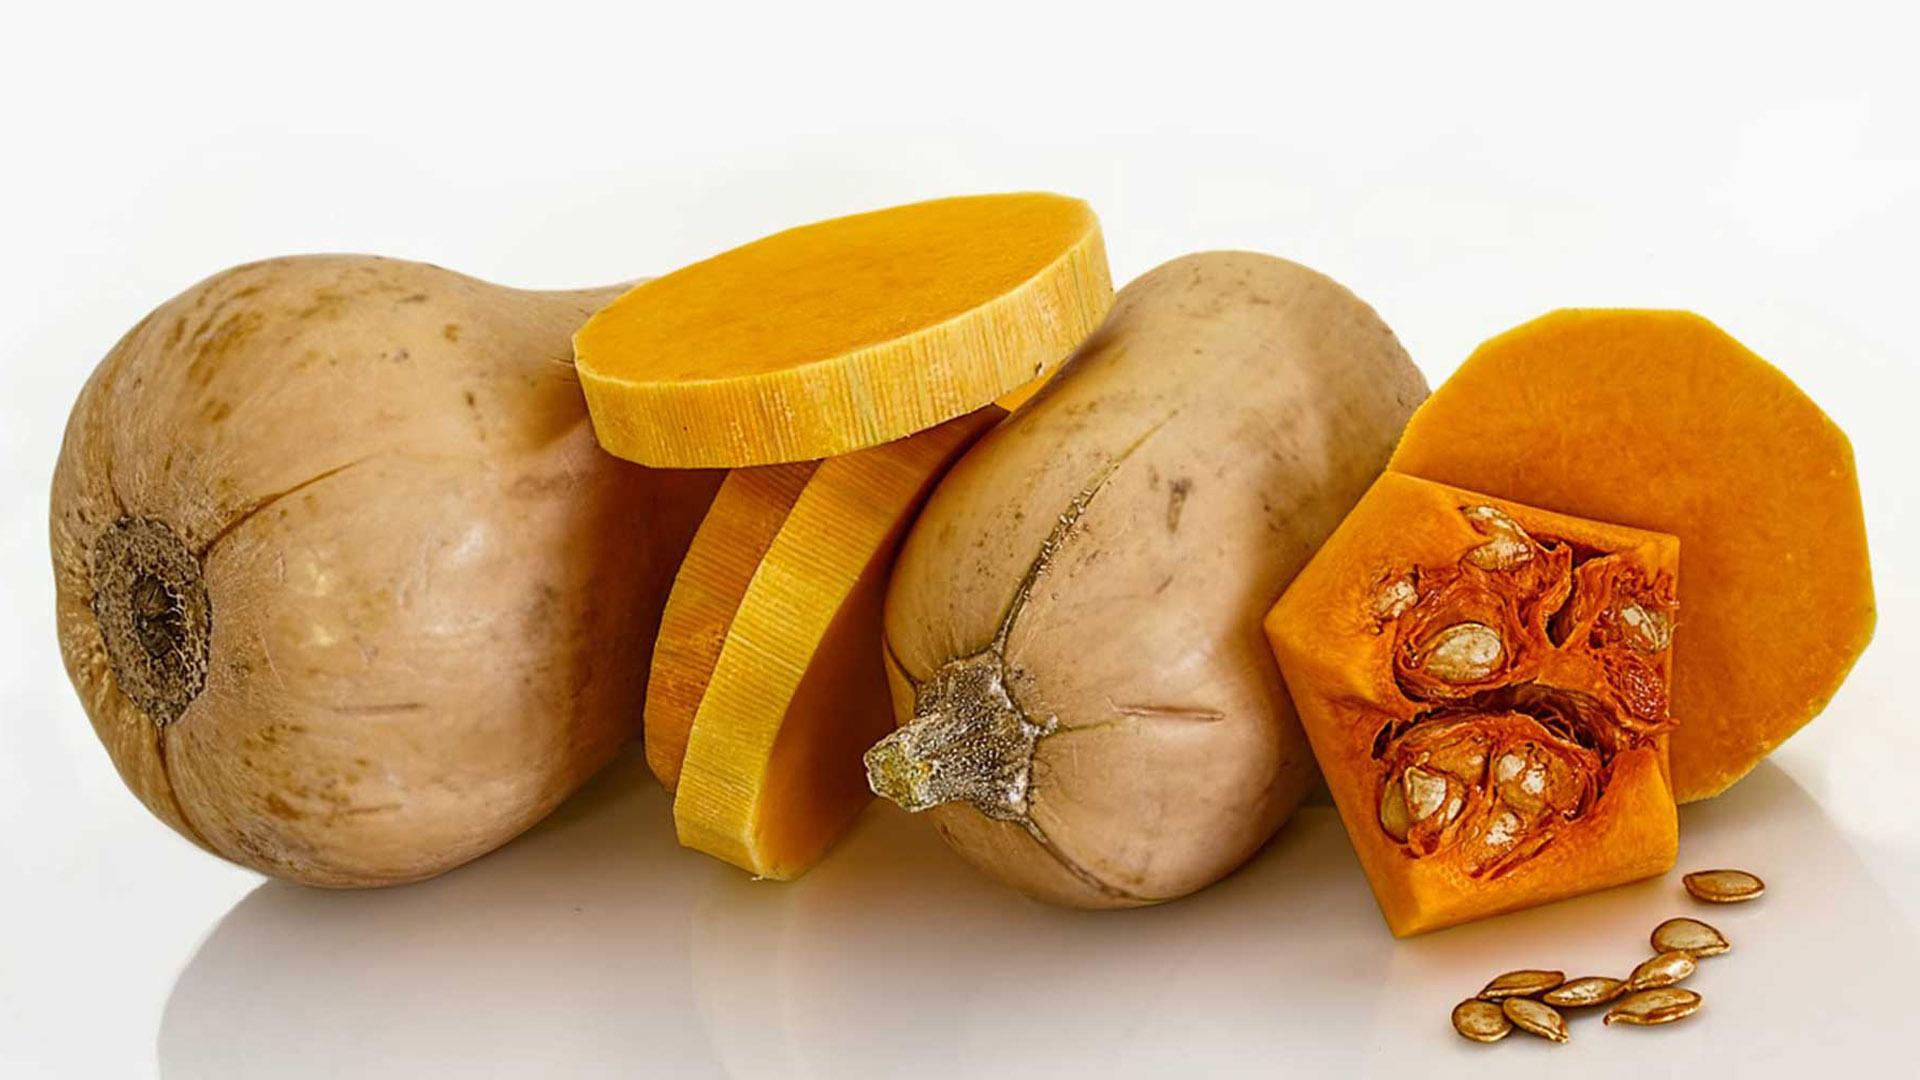 Esta es otra de las hortalizas que posee grandes beneficios para el organismo y que tu cuerpo agradecerá